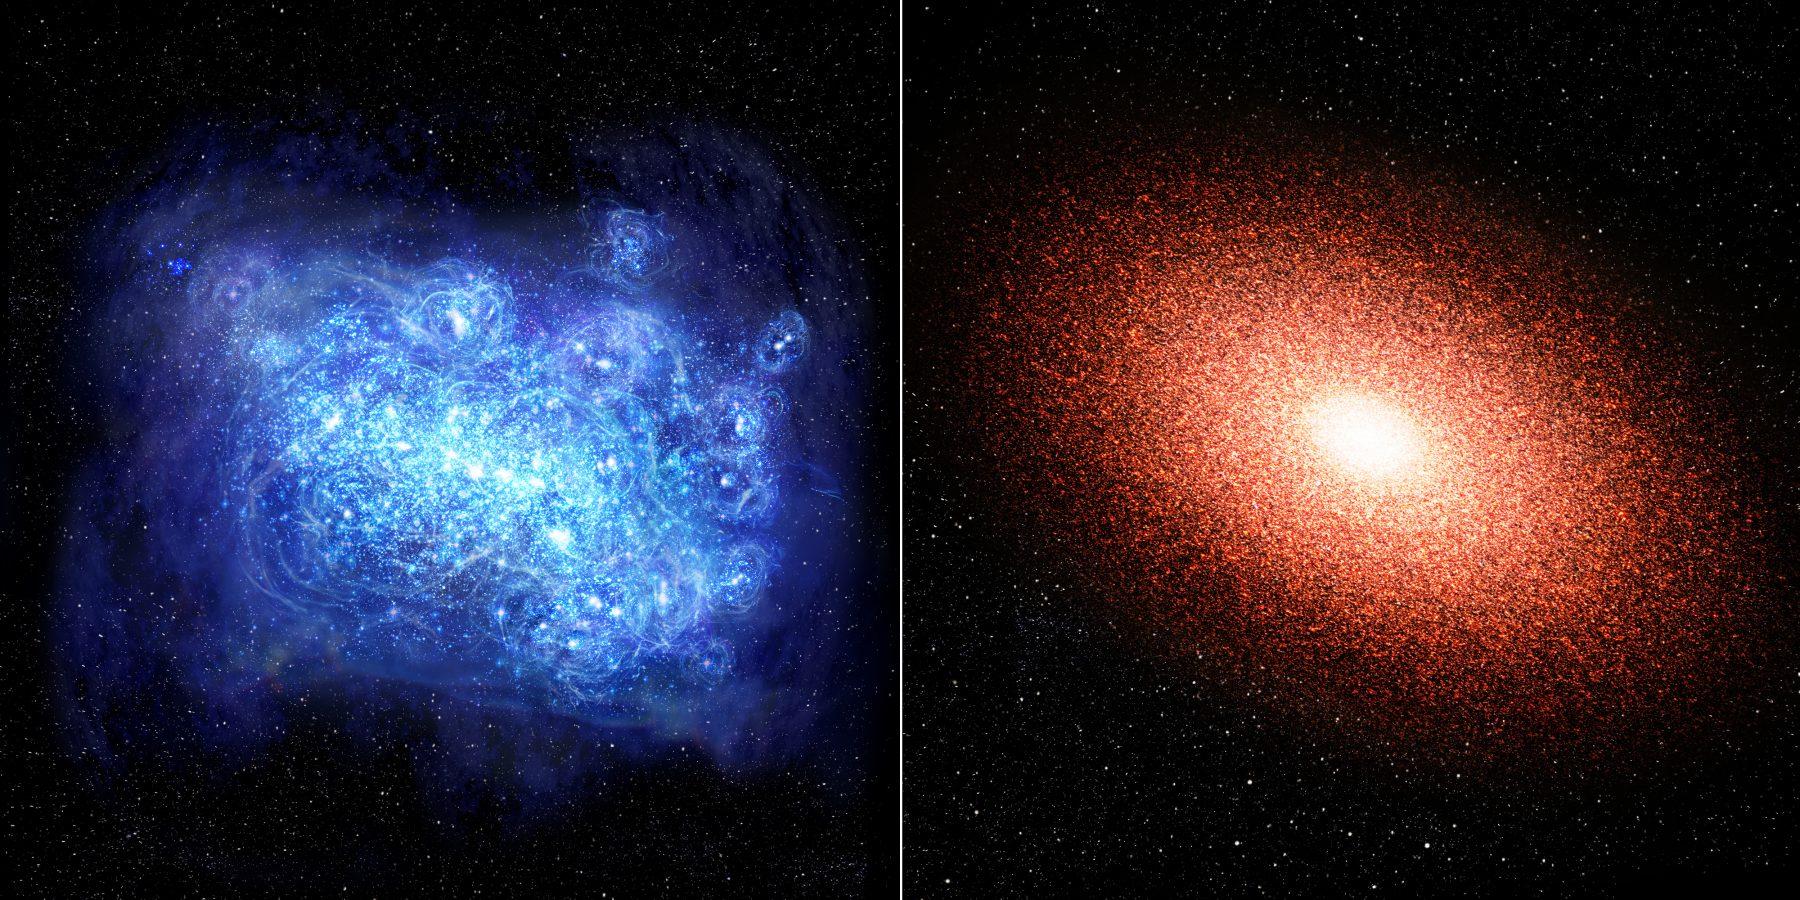 7億歳の老けた銀河